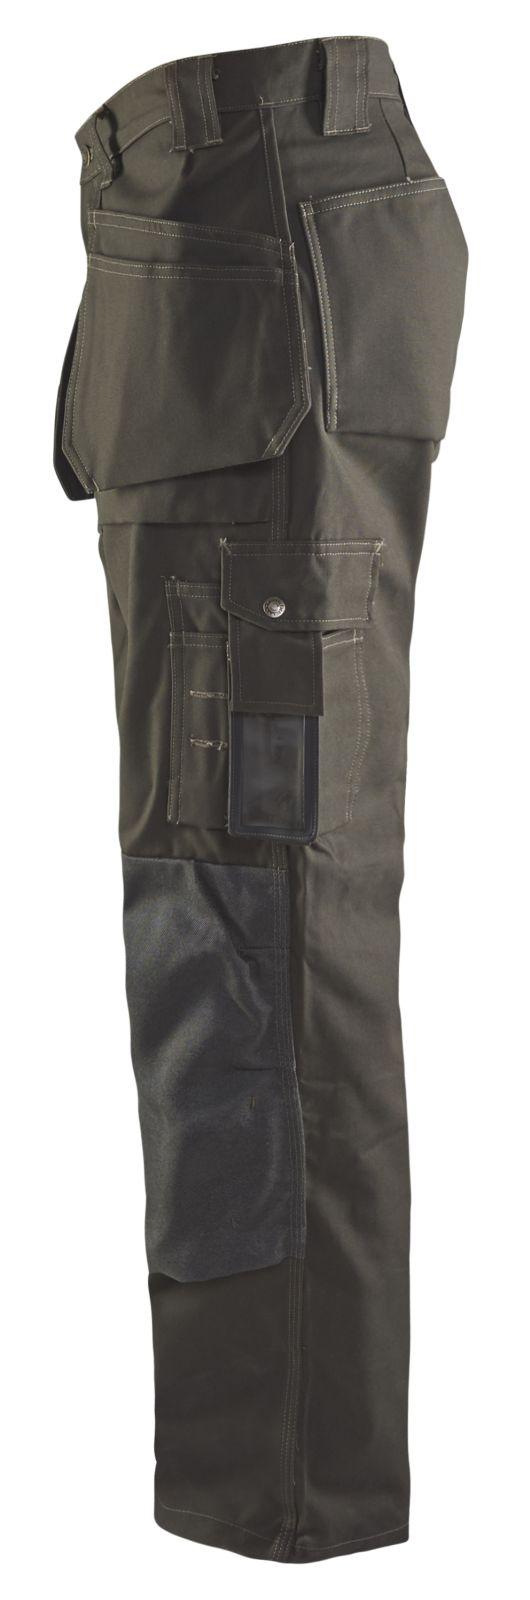 Blaklader Werkbroeken 15301145 groen-zwart(4599)